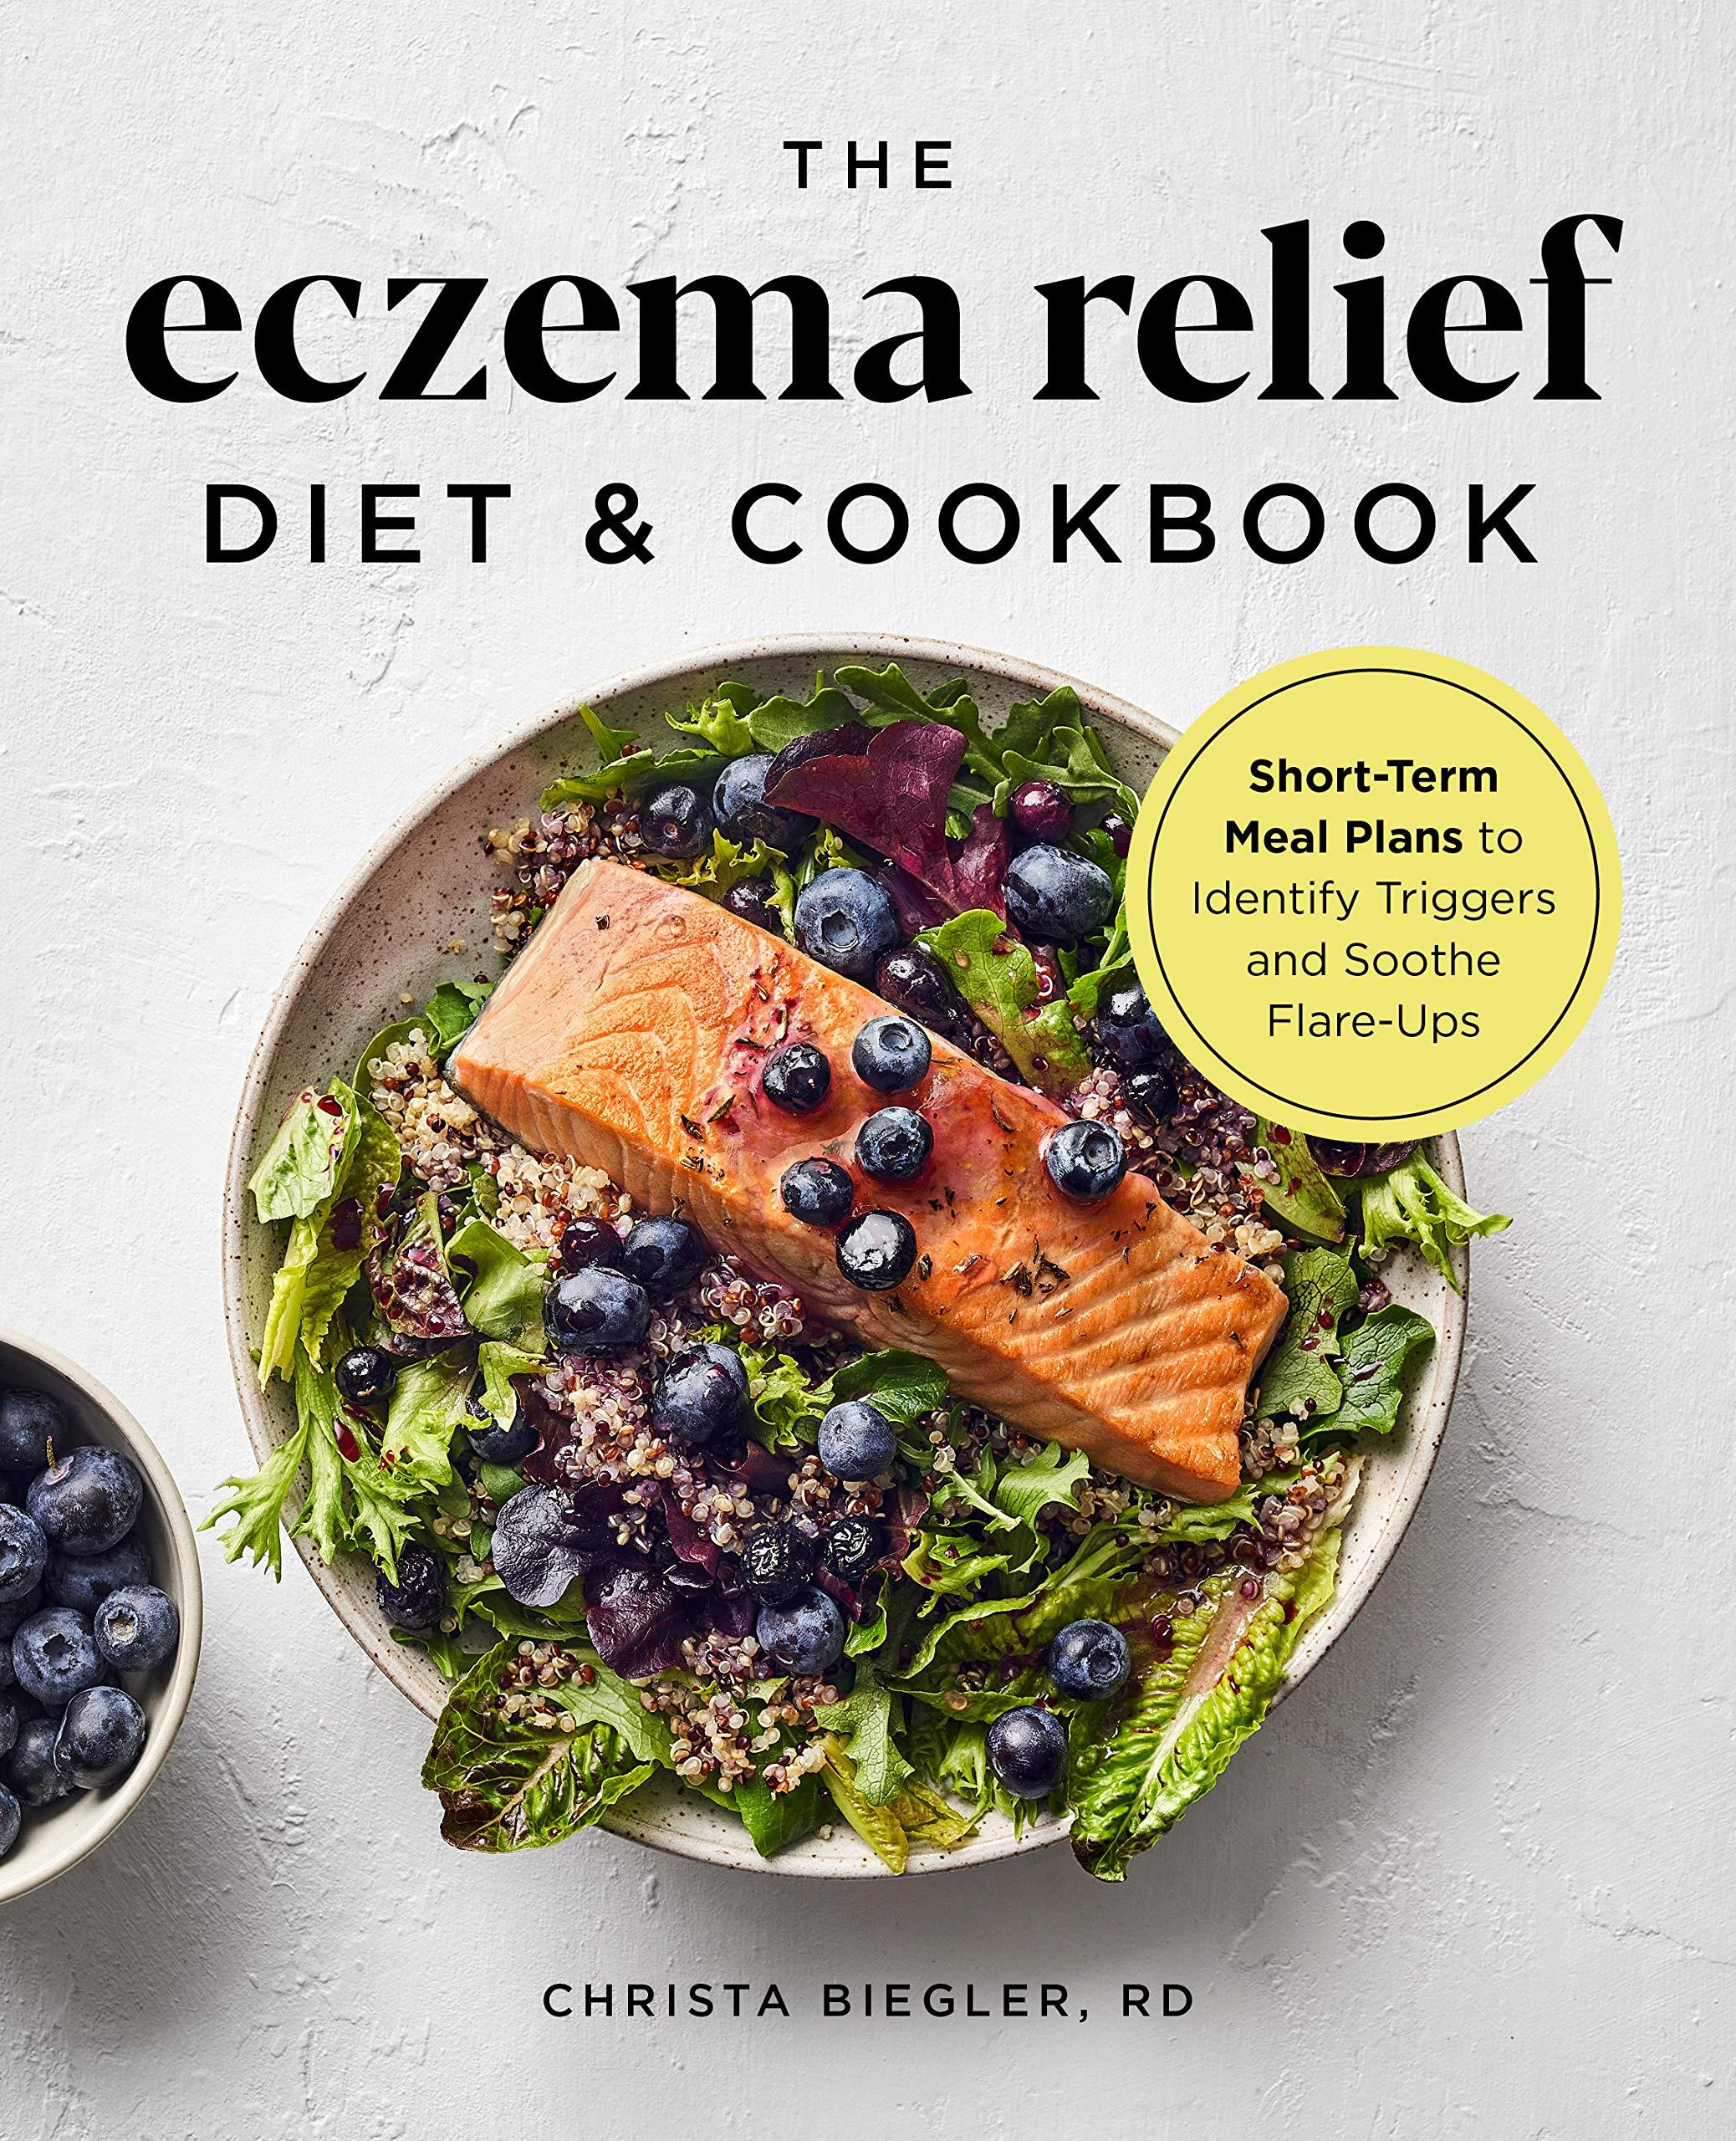 eczema diet recipe book vörös foltok jelentek meg a lábakon és viszkető fotók